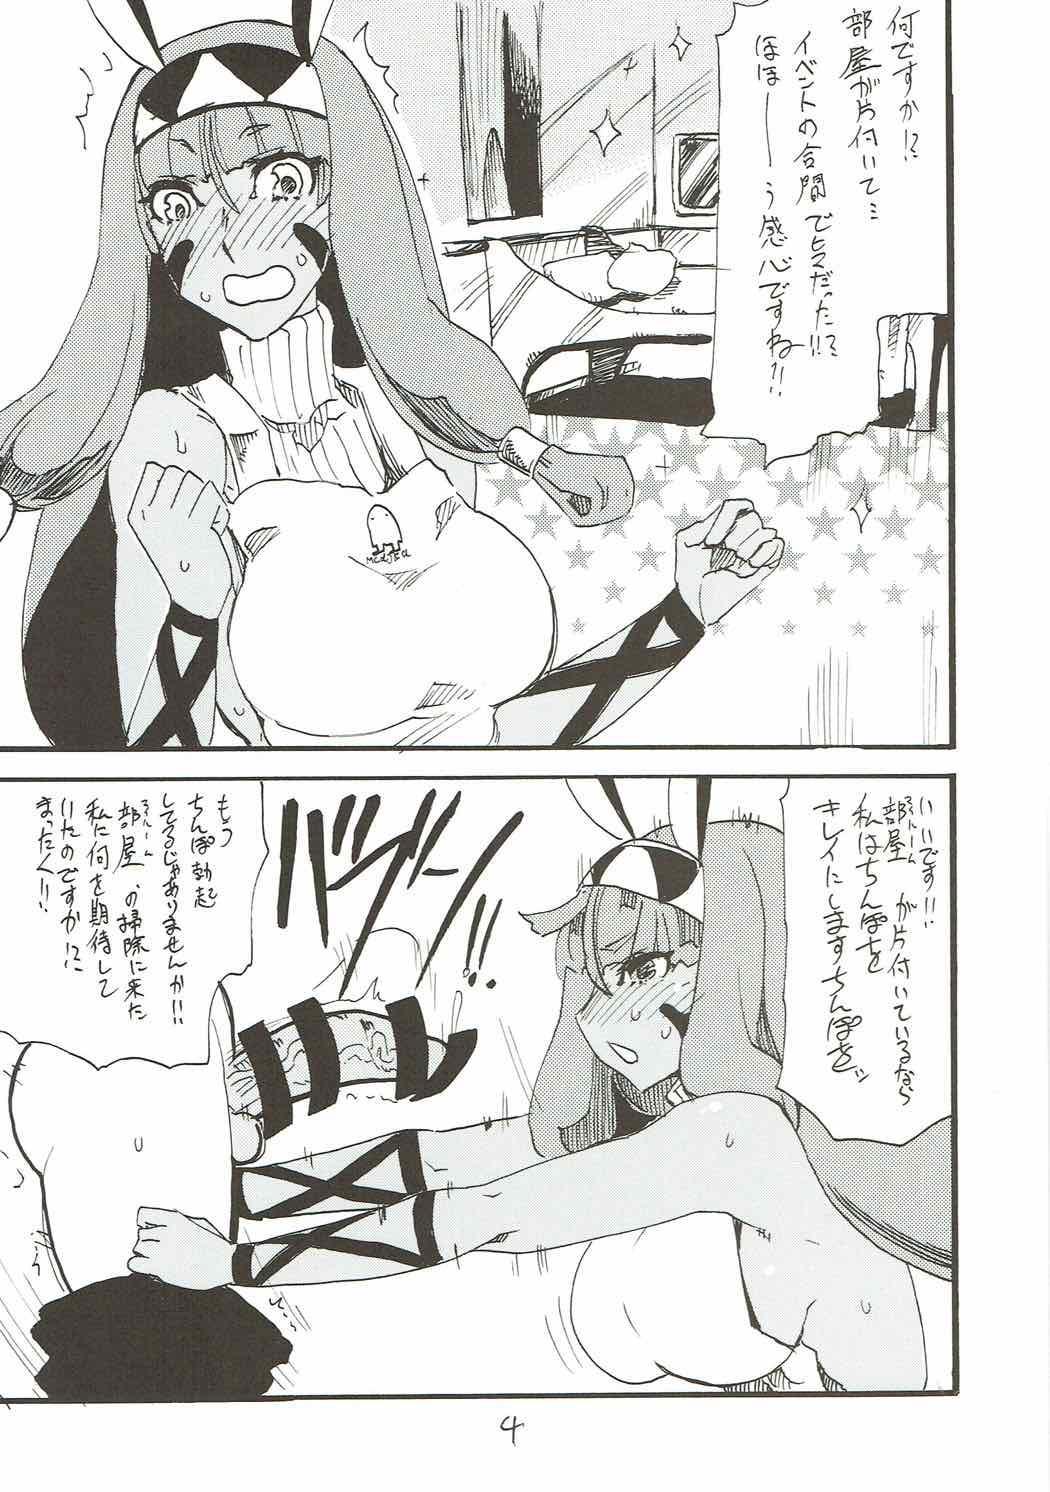 My Room o Souji Shini kita hazu ga Ki ga Tsuitara Ochinchin o Soku Ochinchin o Shabutte ita Natsu 2